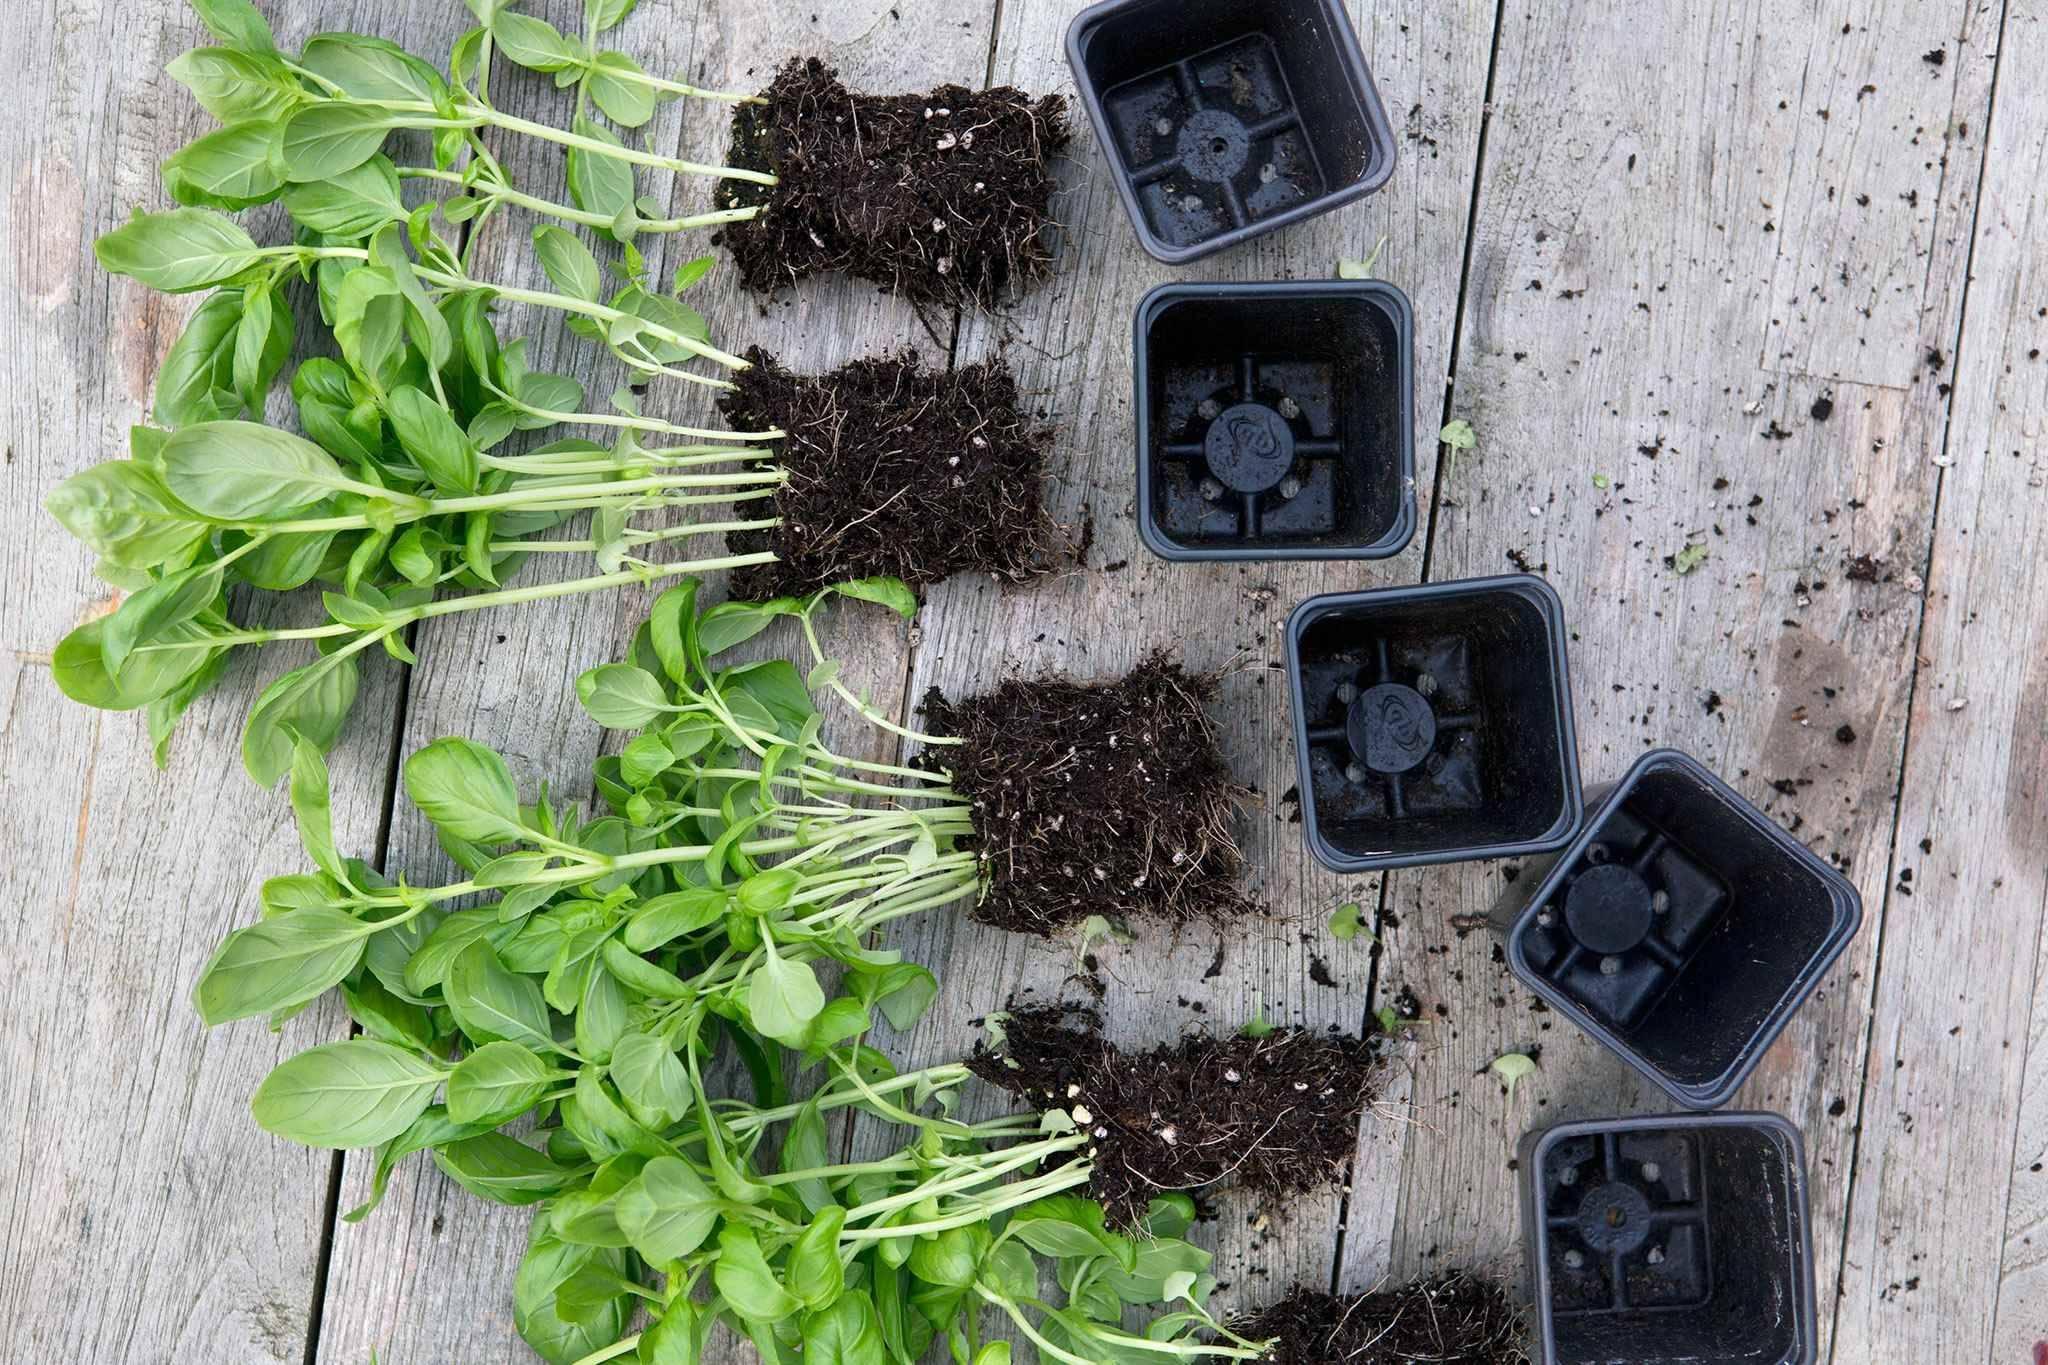 Правила и особенности выращивания базилика на рассаду